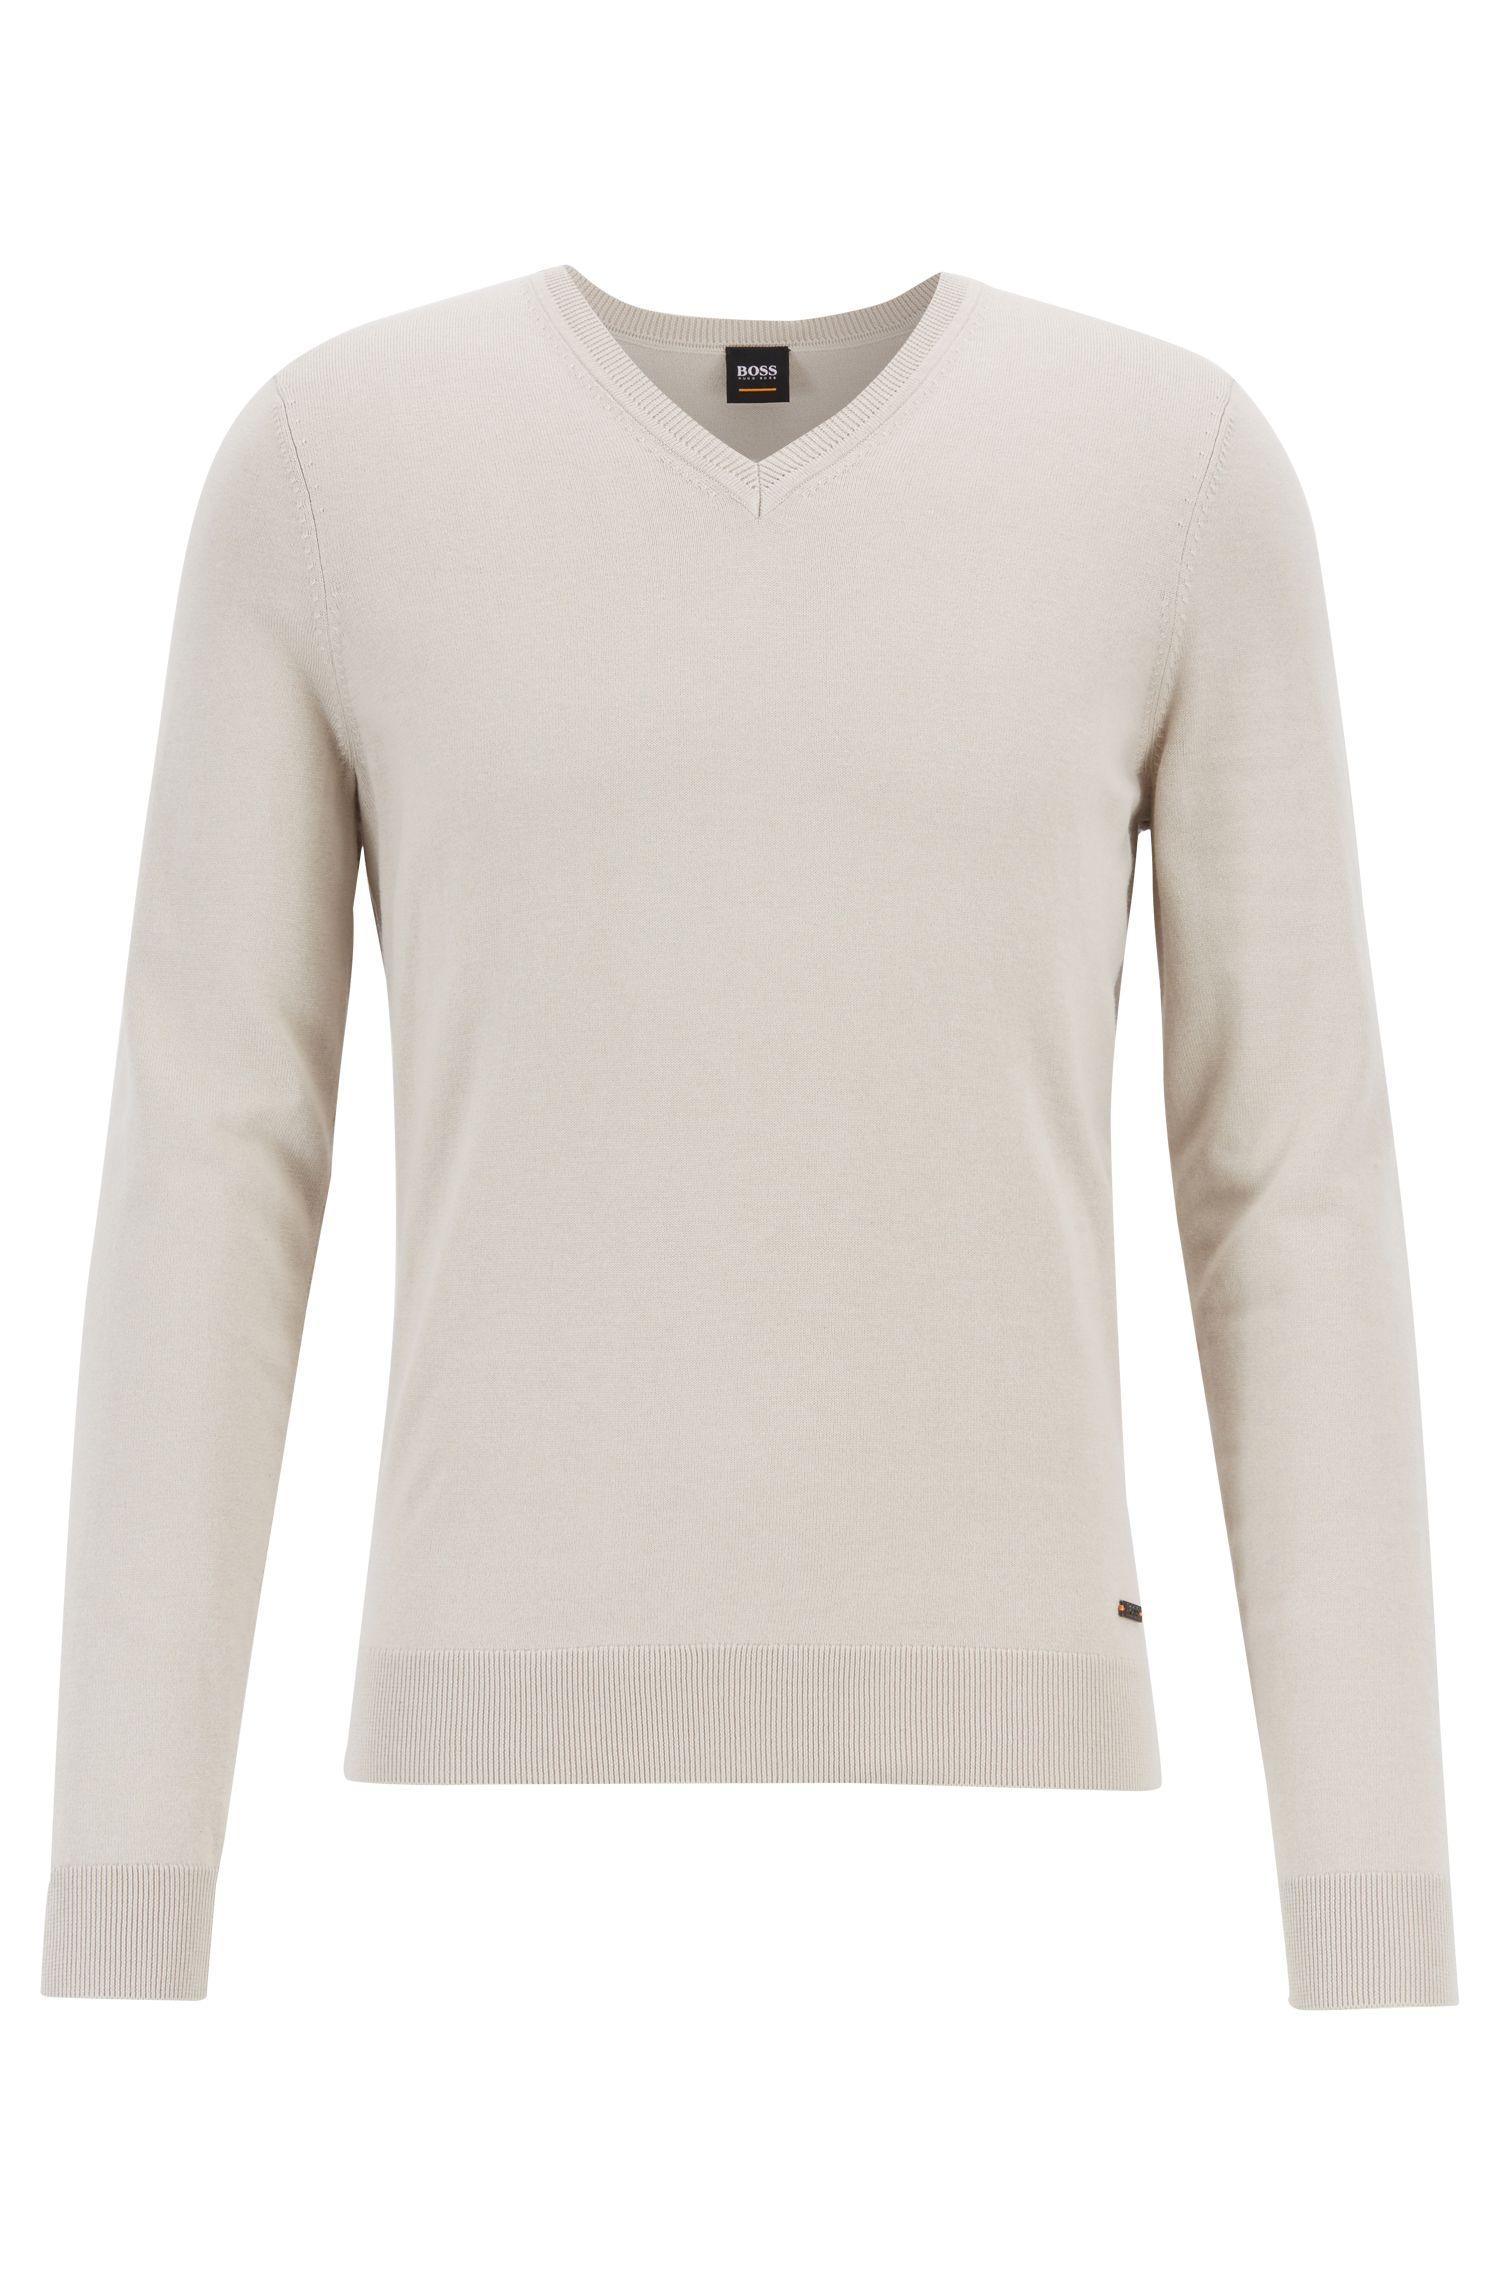 Jersey de cuello en pico en mezcla de algodón con cashmere, Gris